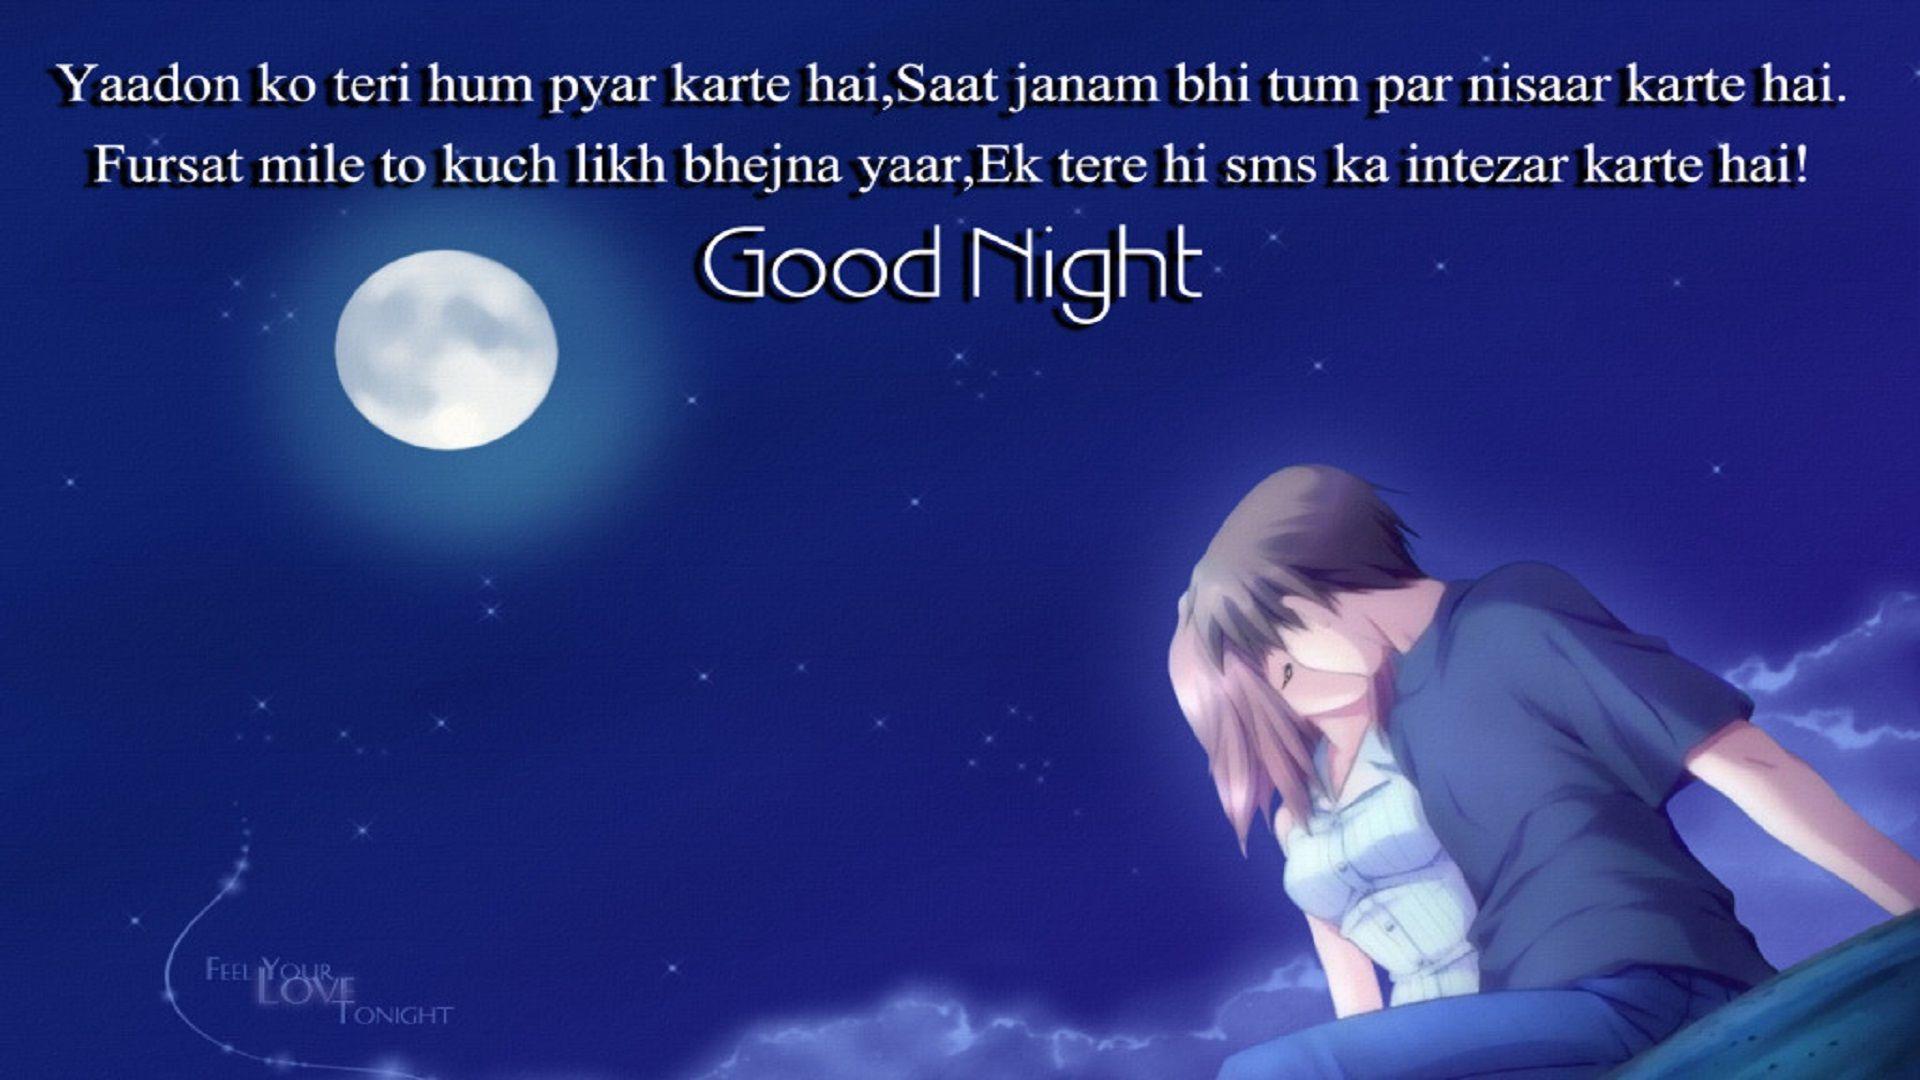 Wallpaper download karo - Good Night Images Maze Karo Best Whatsapp Messages Jokes